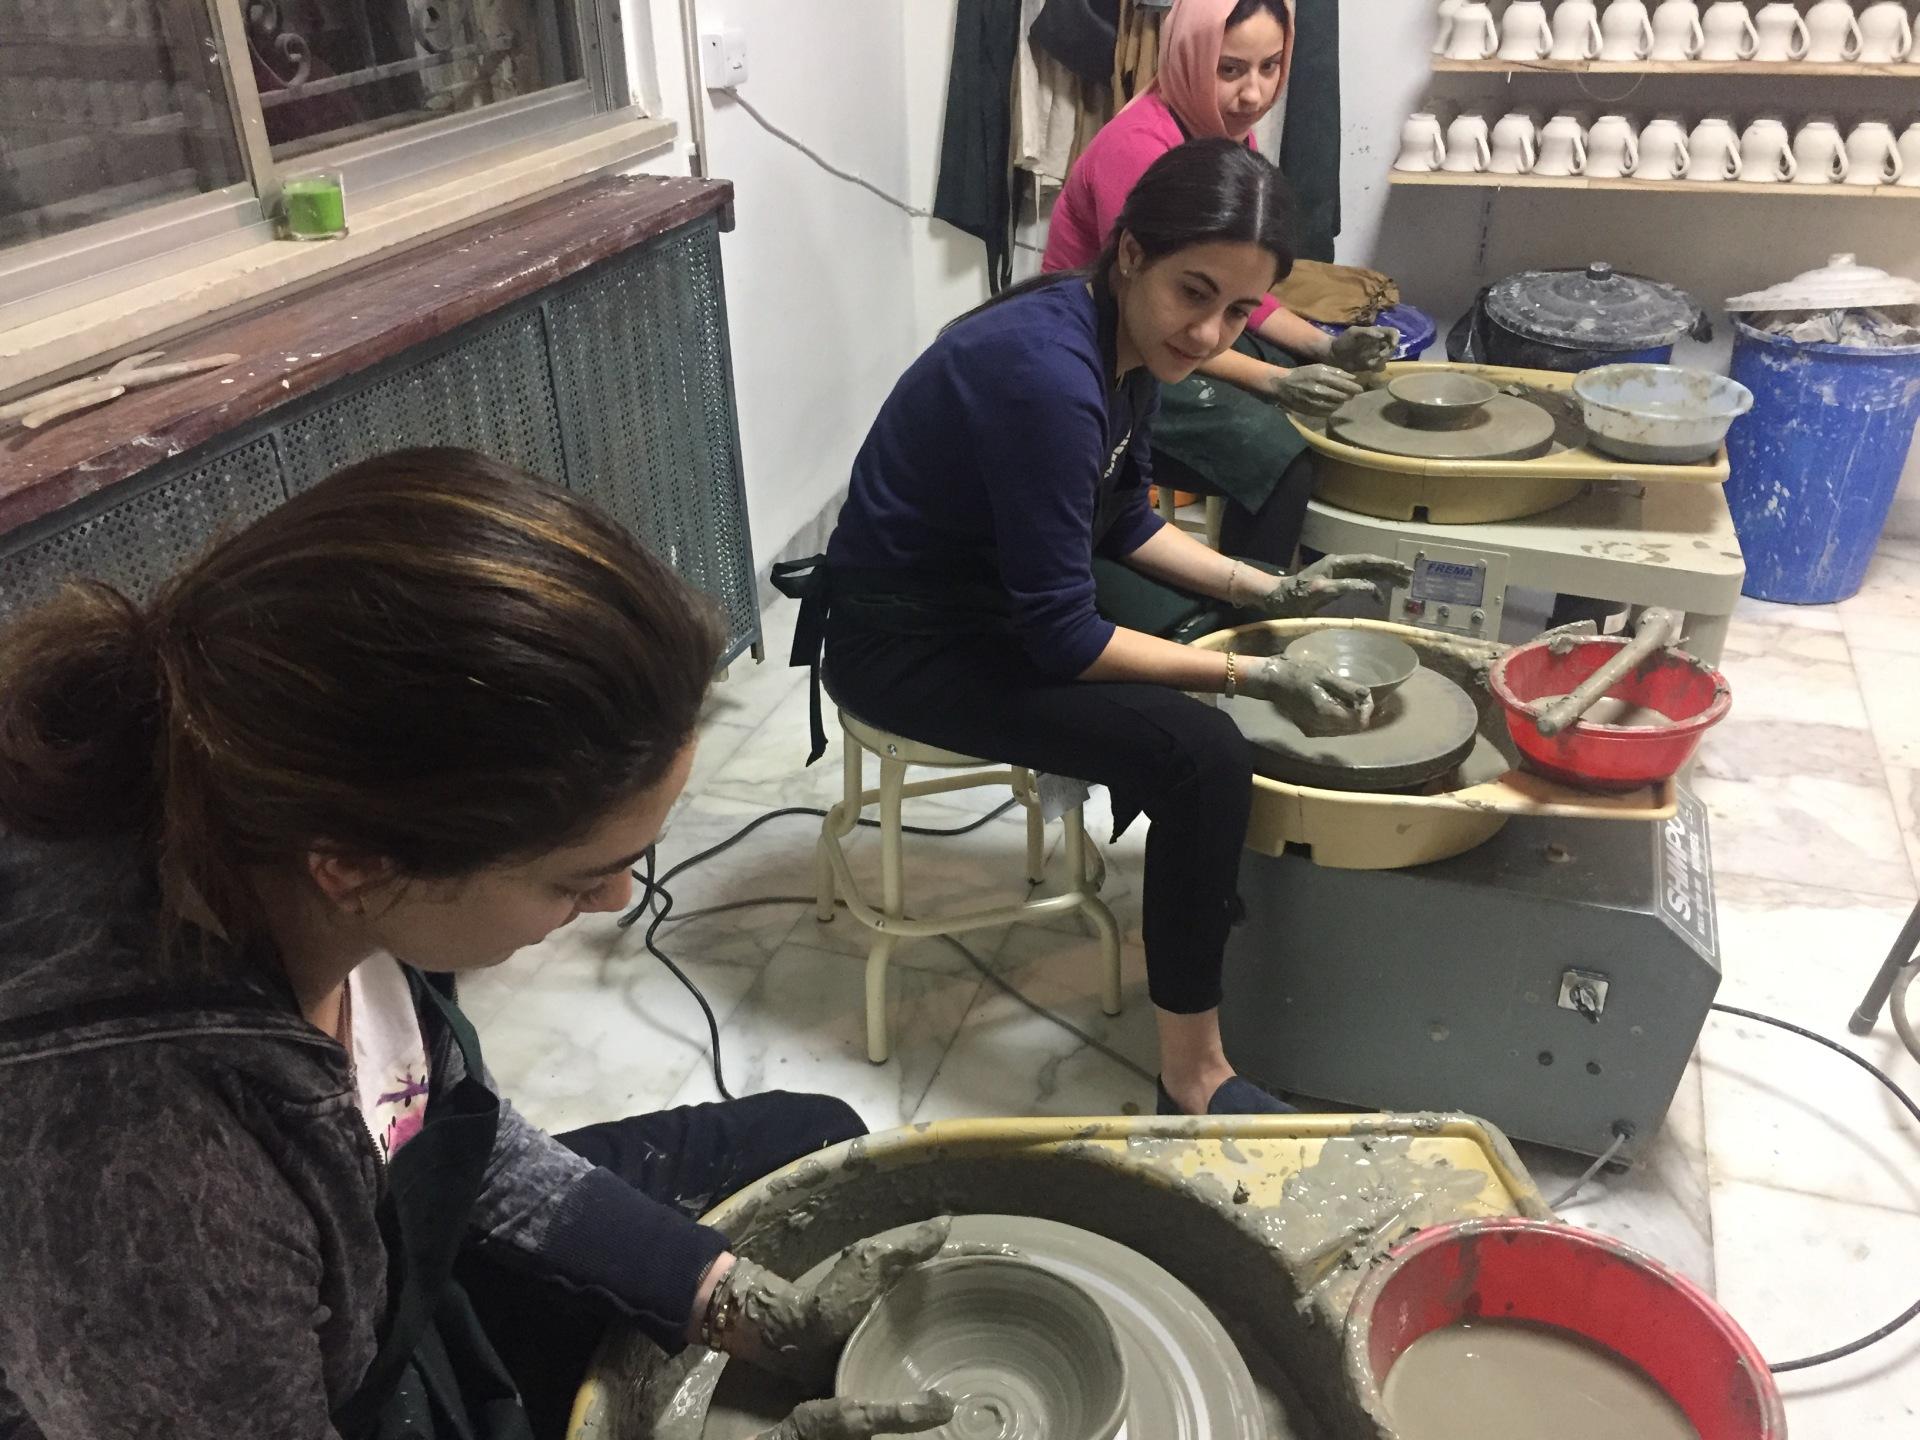 فن #دورات #رسم #خزف #الاردن #مركزفنون #تدريبرسم #جرافيك #فنعمان #فنون #عمان  #FineartsJordan #ArtCentreAmman #AmmanArt #Pottery #Drawing #ArtClasses #Jordanart #cacamman #ArtCentre #Center #Printmaking #Photography #wheelthrowing #Clay  #CACamman #creativeartcentreamman #AymenAzzam